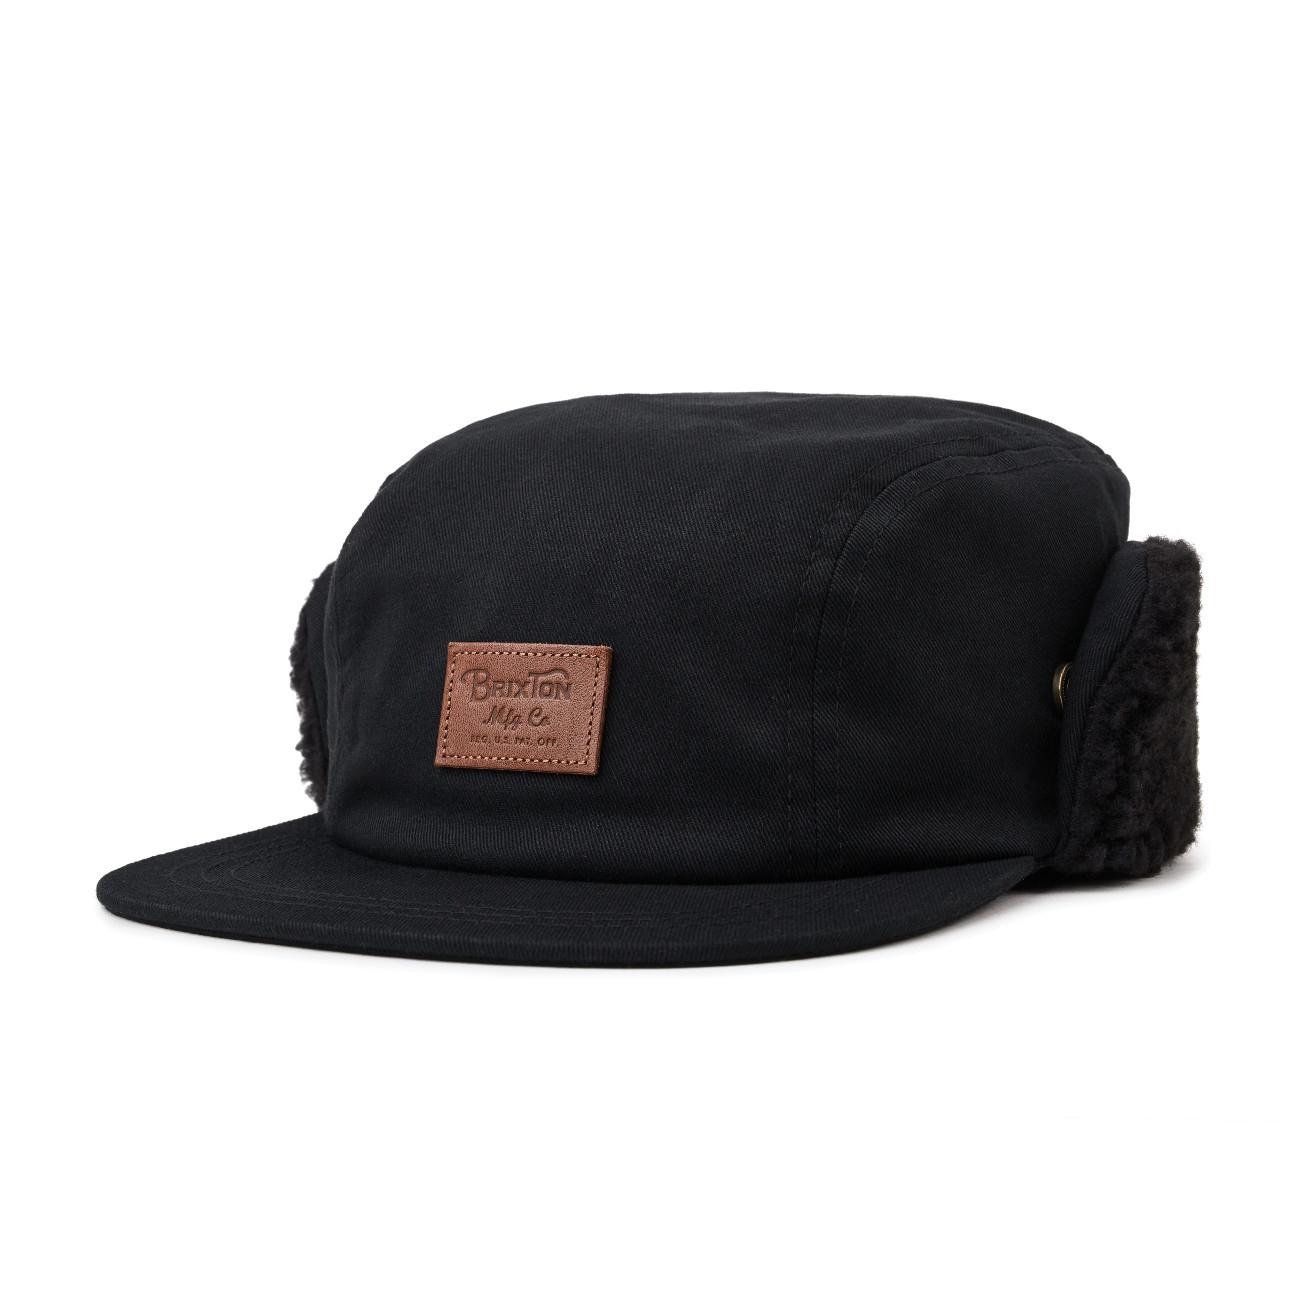 Grade casquette 10306-BLACK-M - Brixton - Modalova